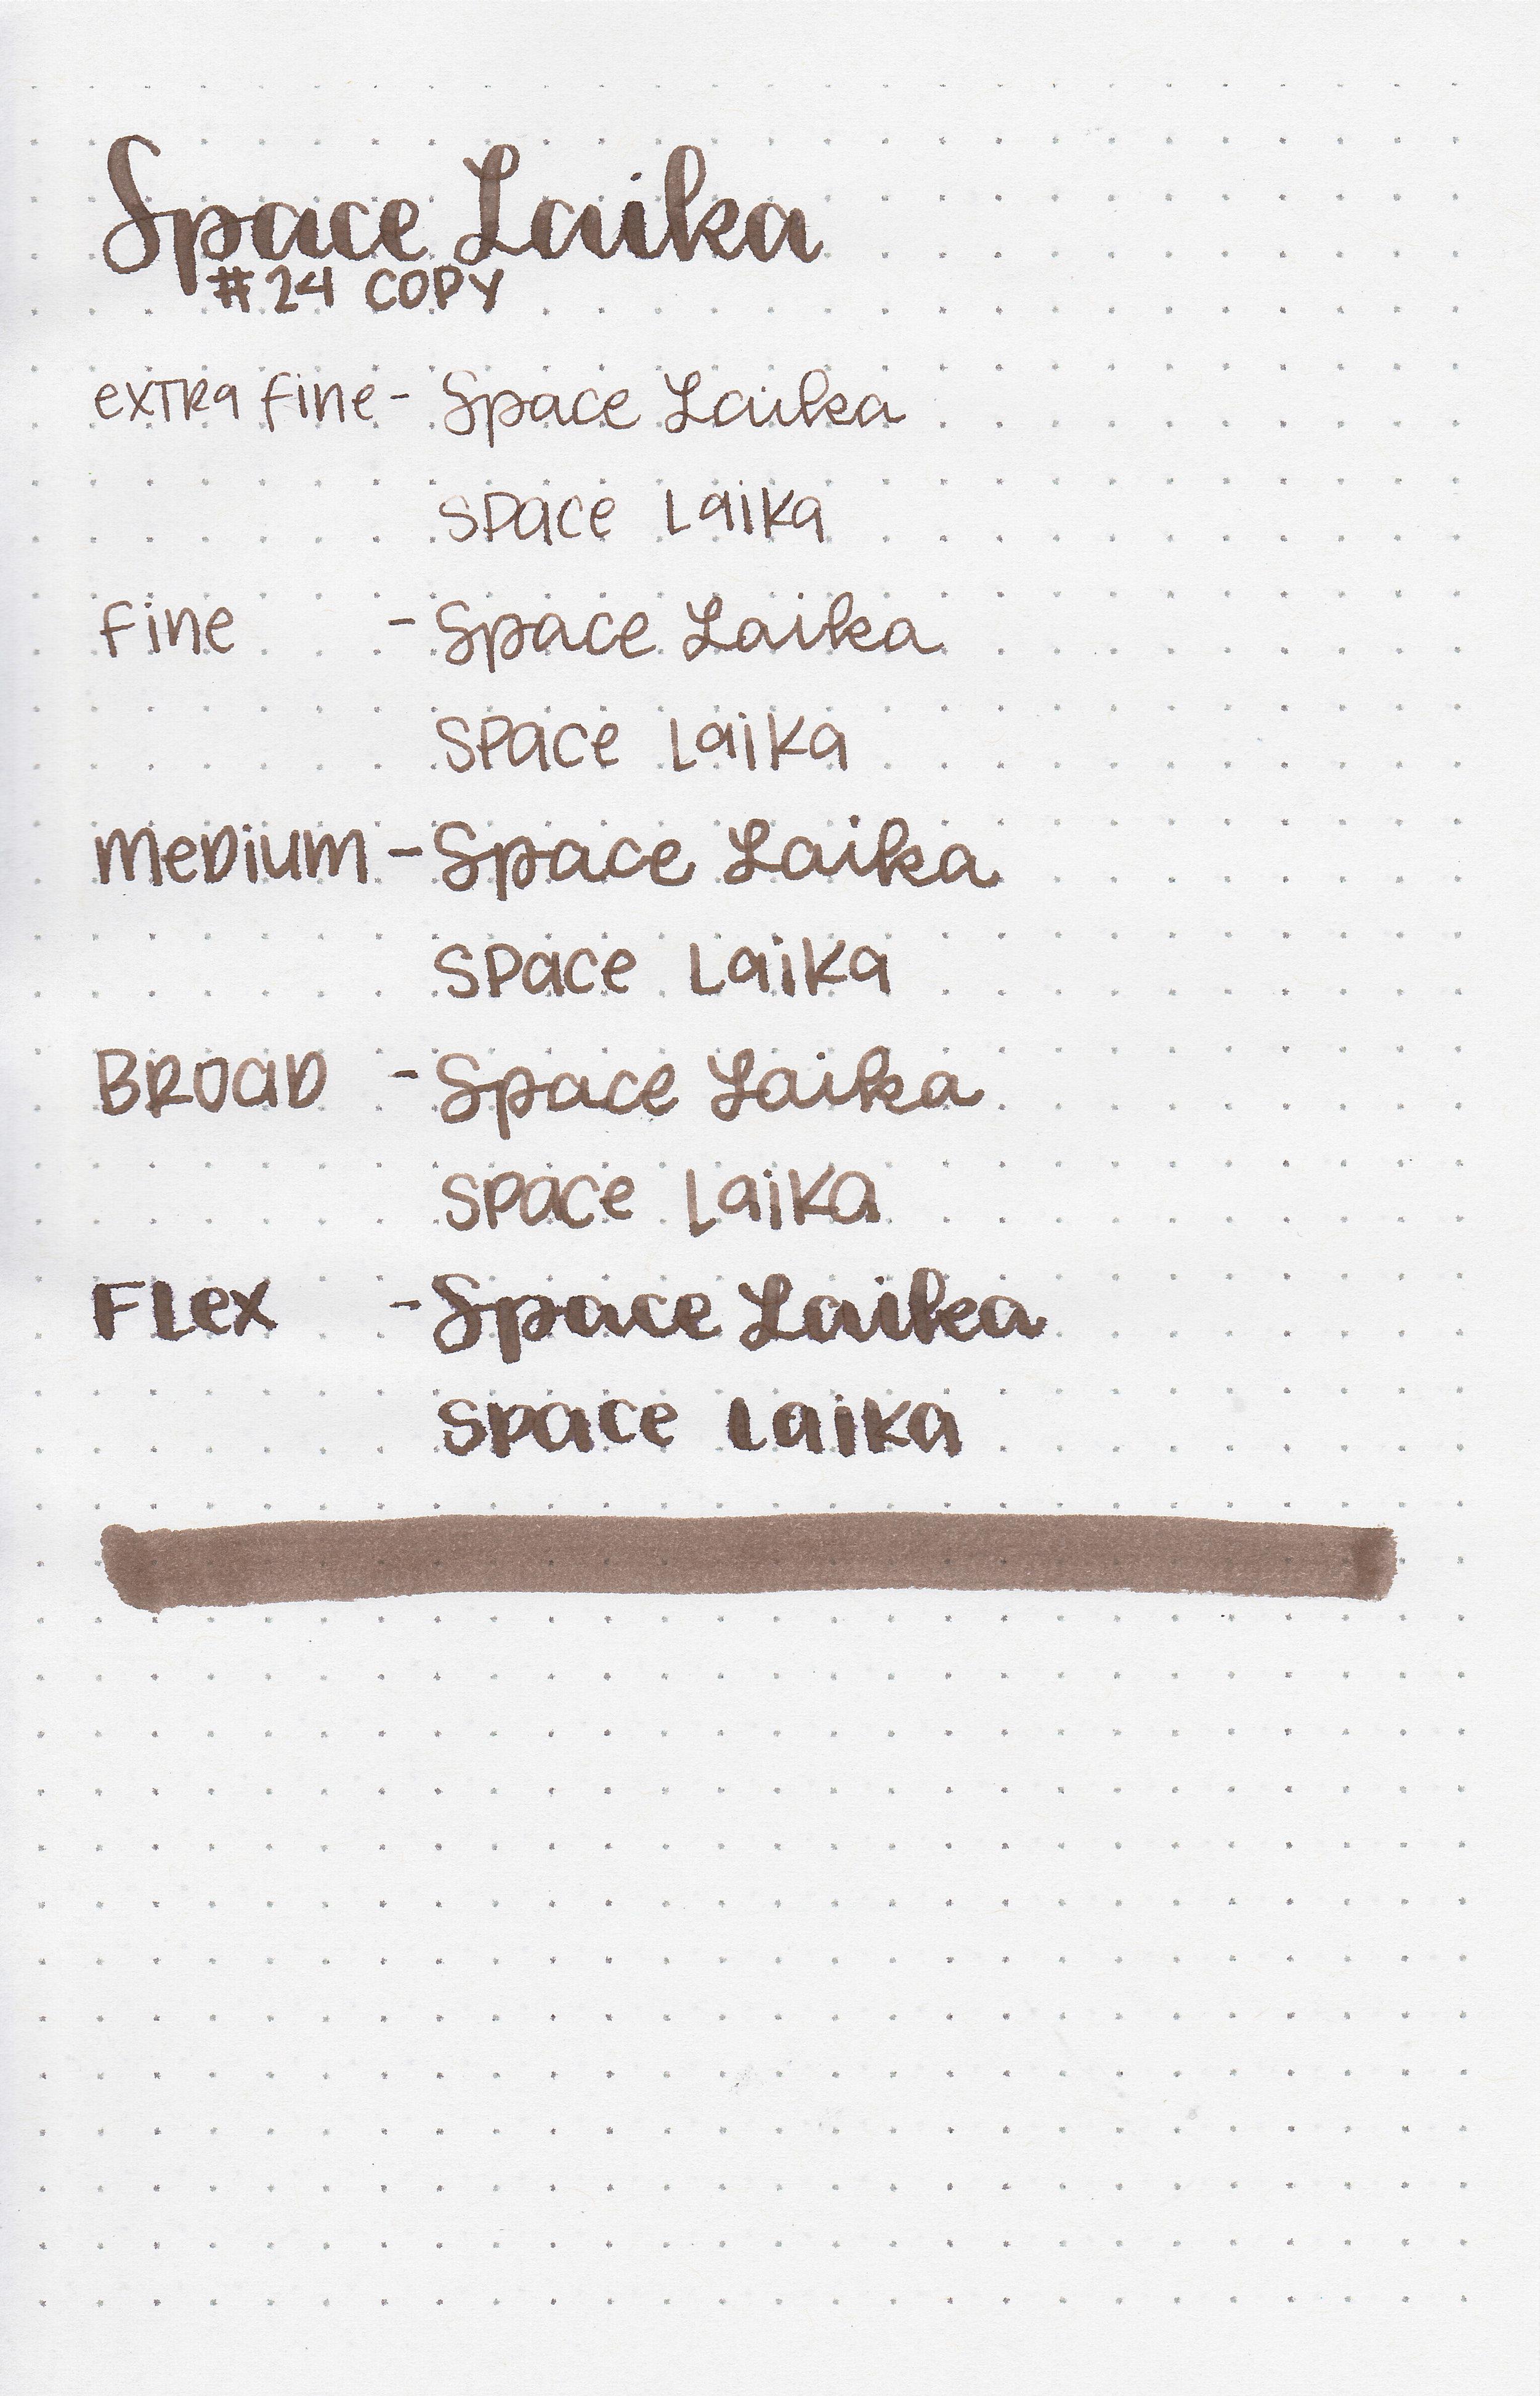 cv-space-laika-11.jpg